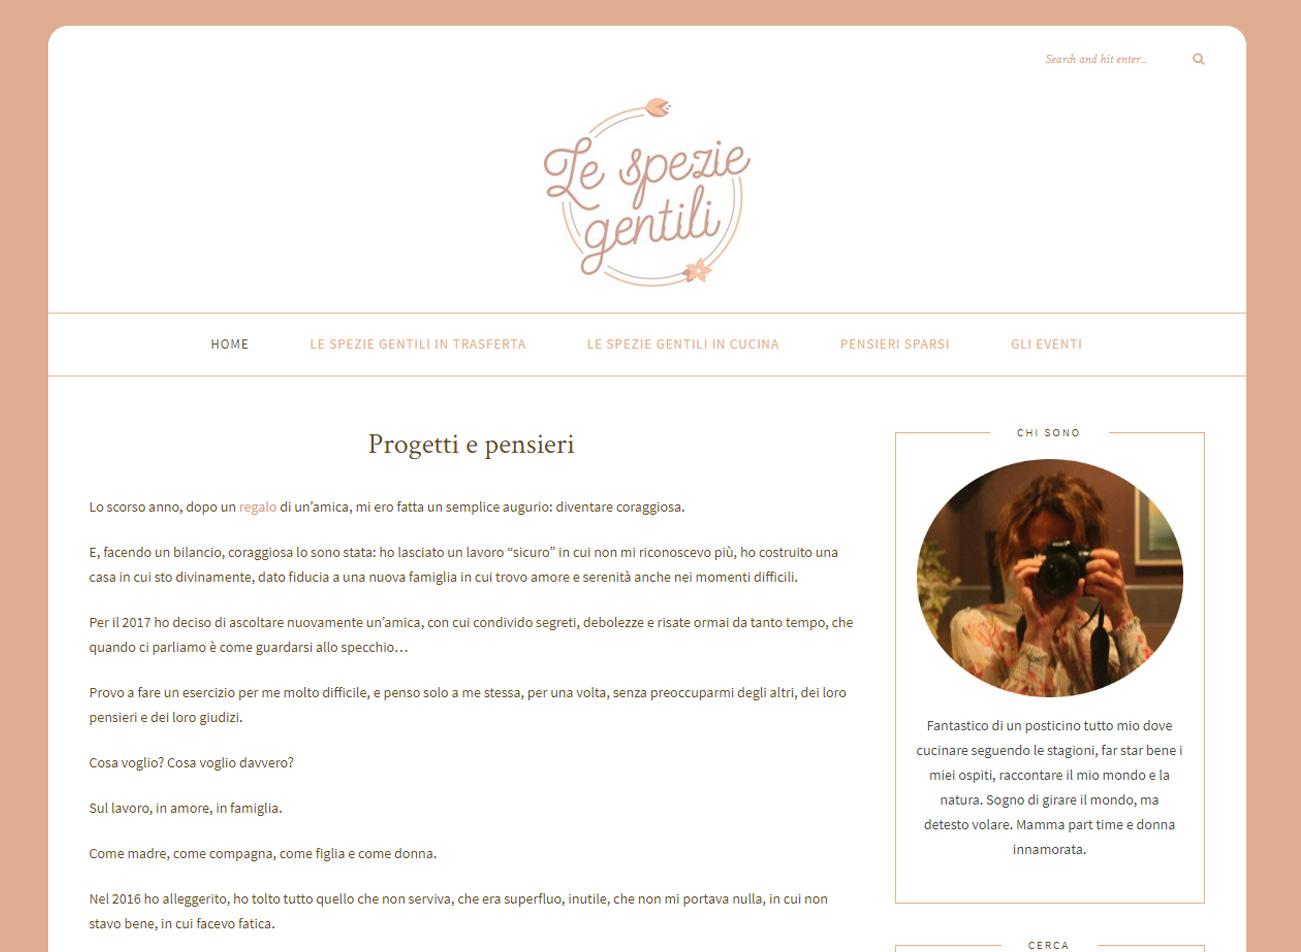 sito di incontri part-time amorematchmaking Gloria 11